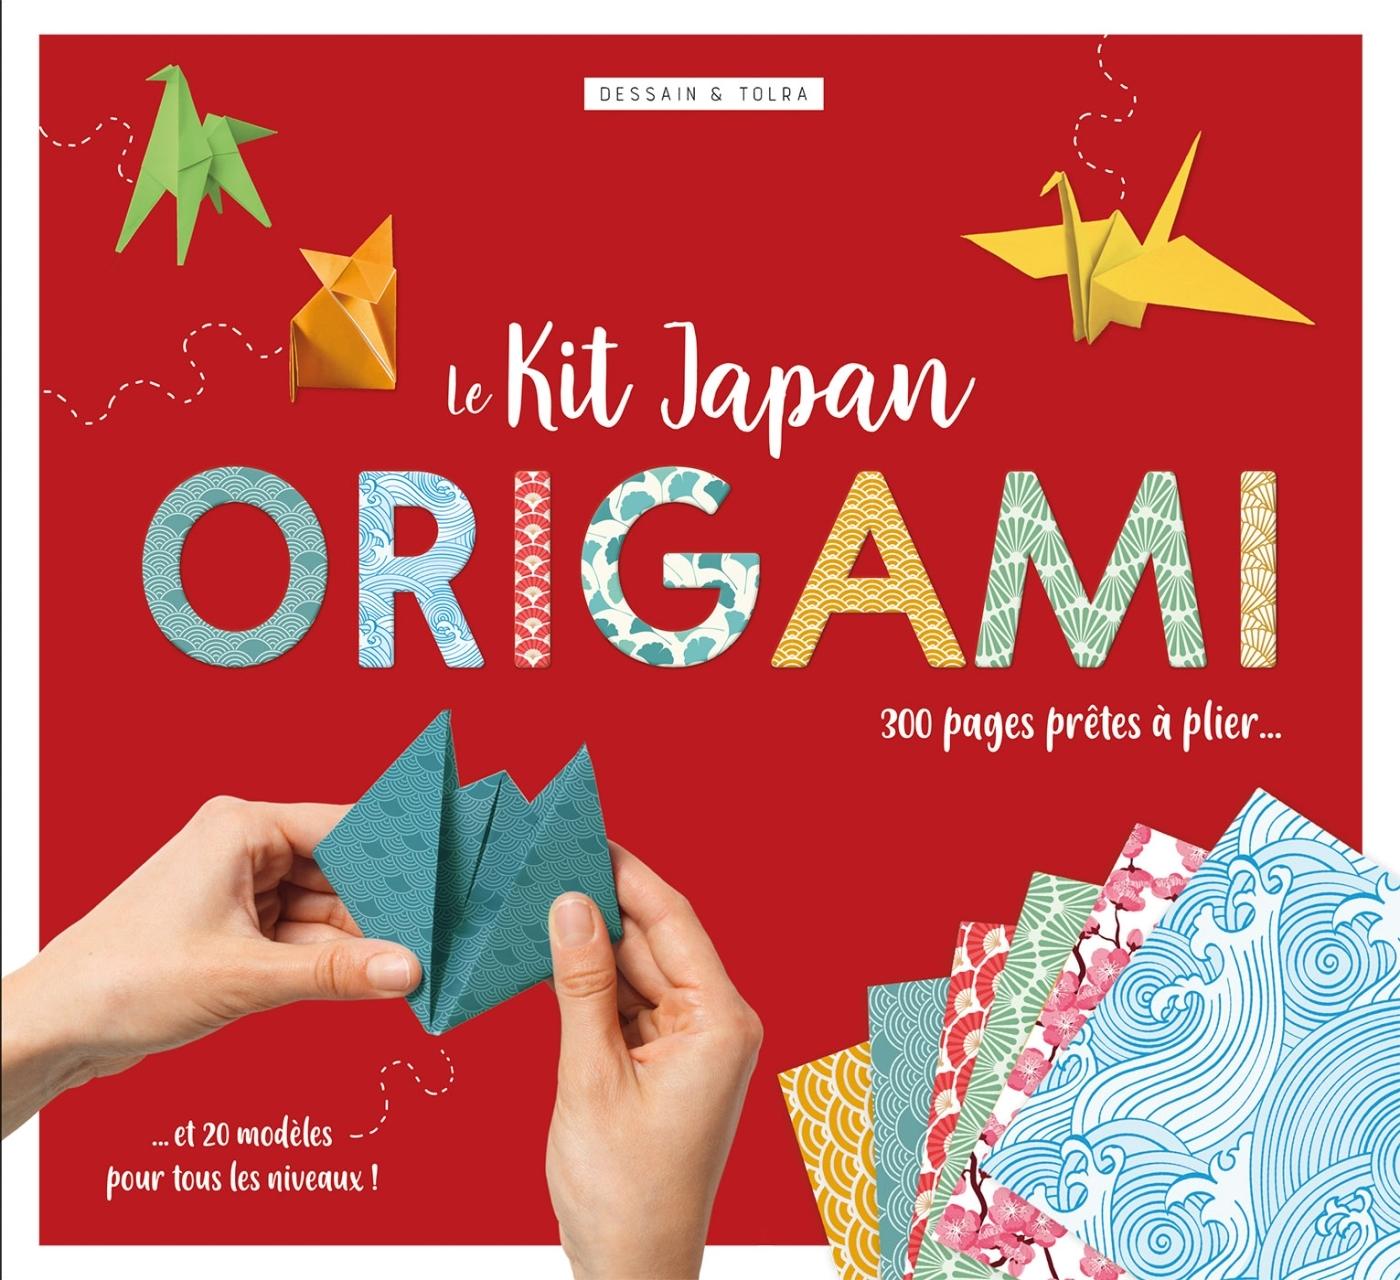 LE KIT JAPAN ORIGAMI - 300 PAGES DETACHABLES AUX MOTIFS JAPONISANTS, 20 MODELES PRETS A PLIER